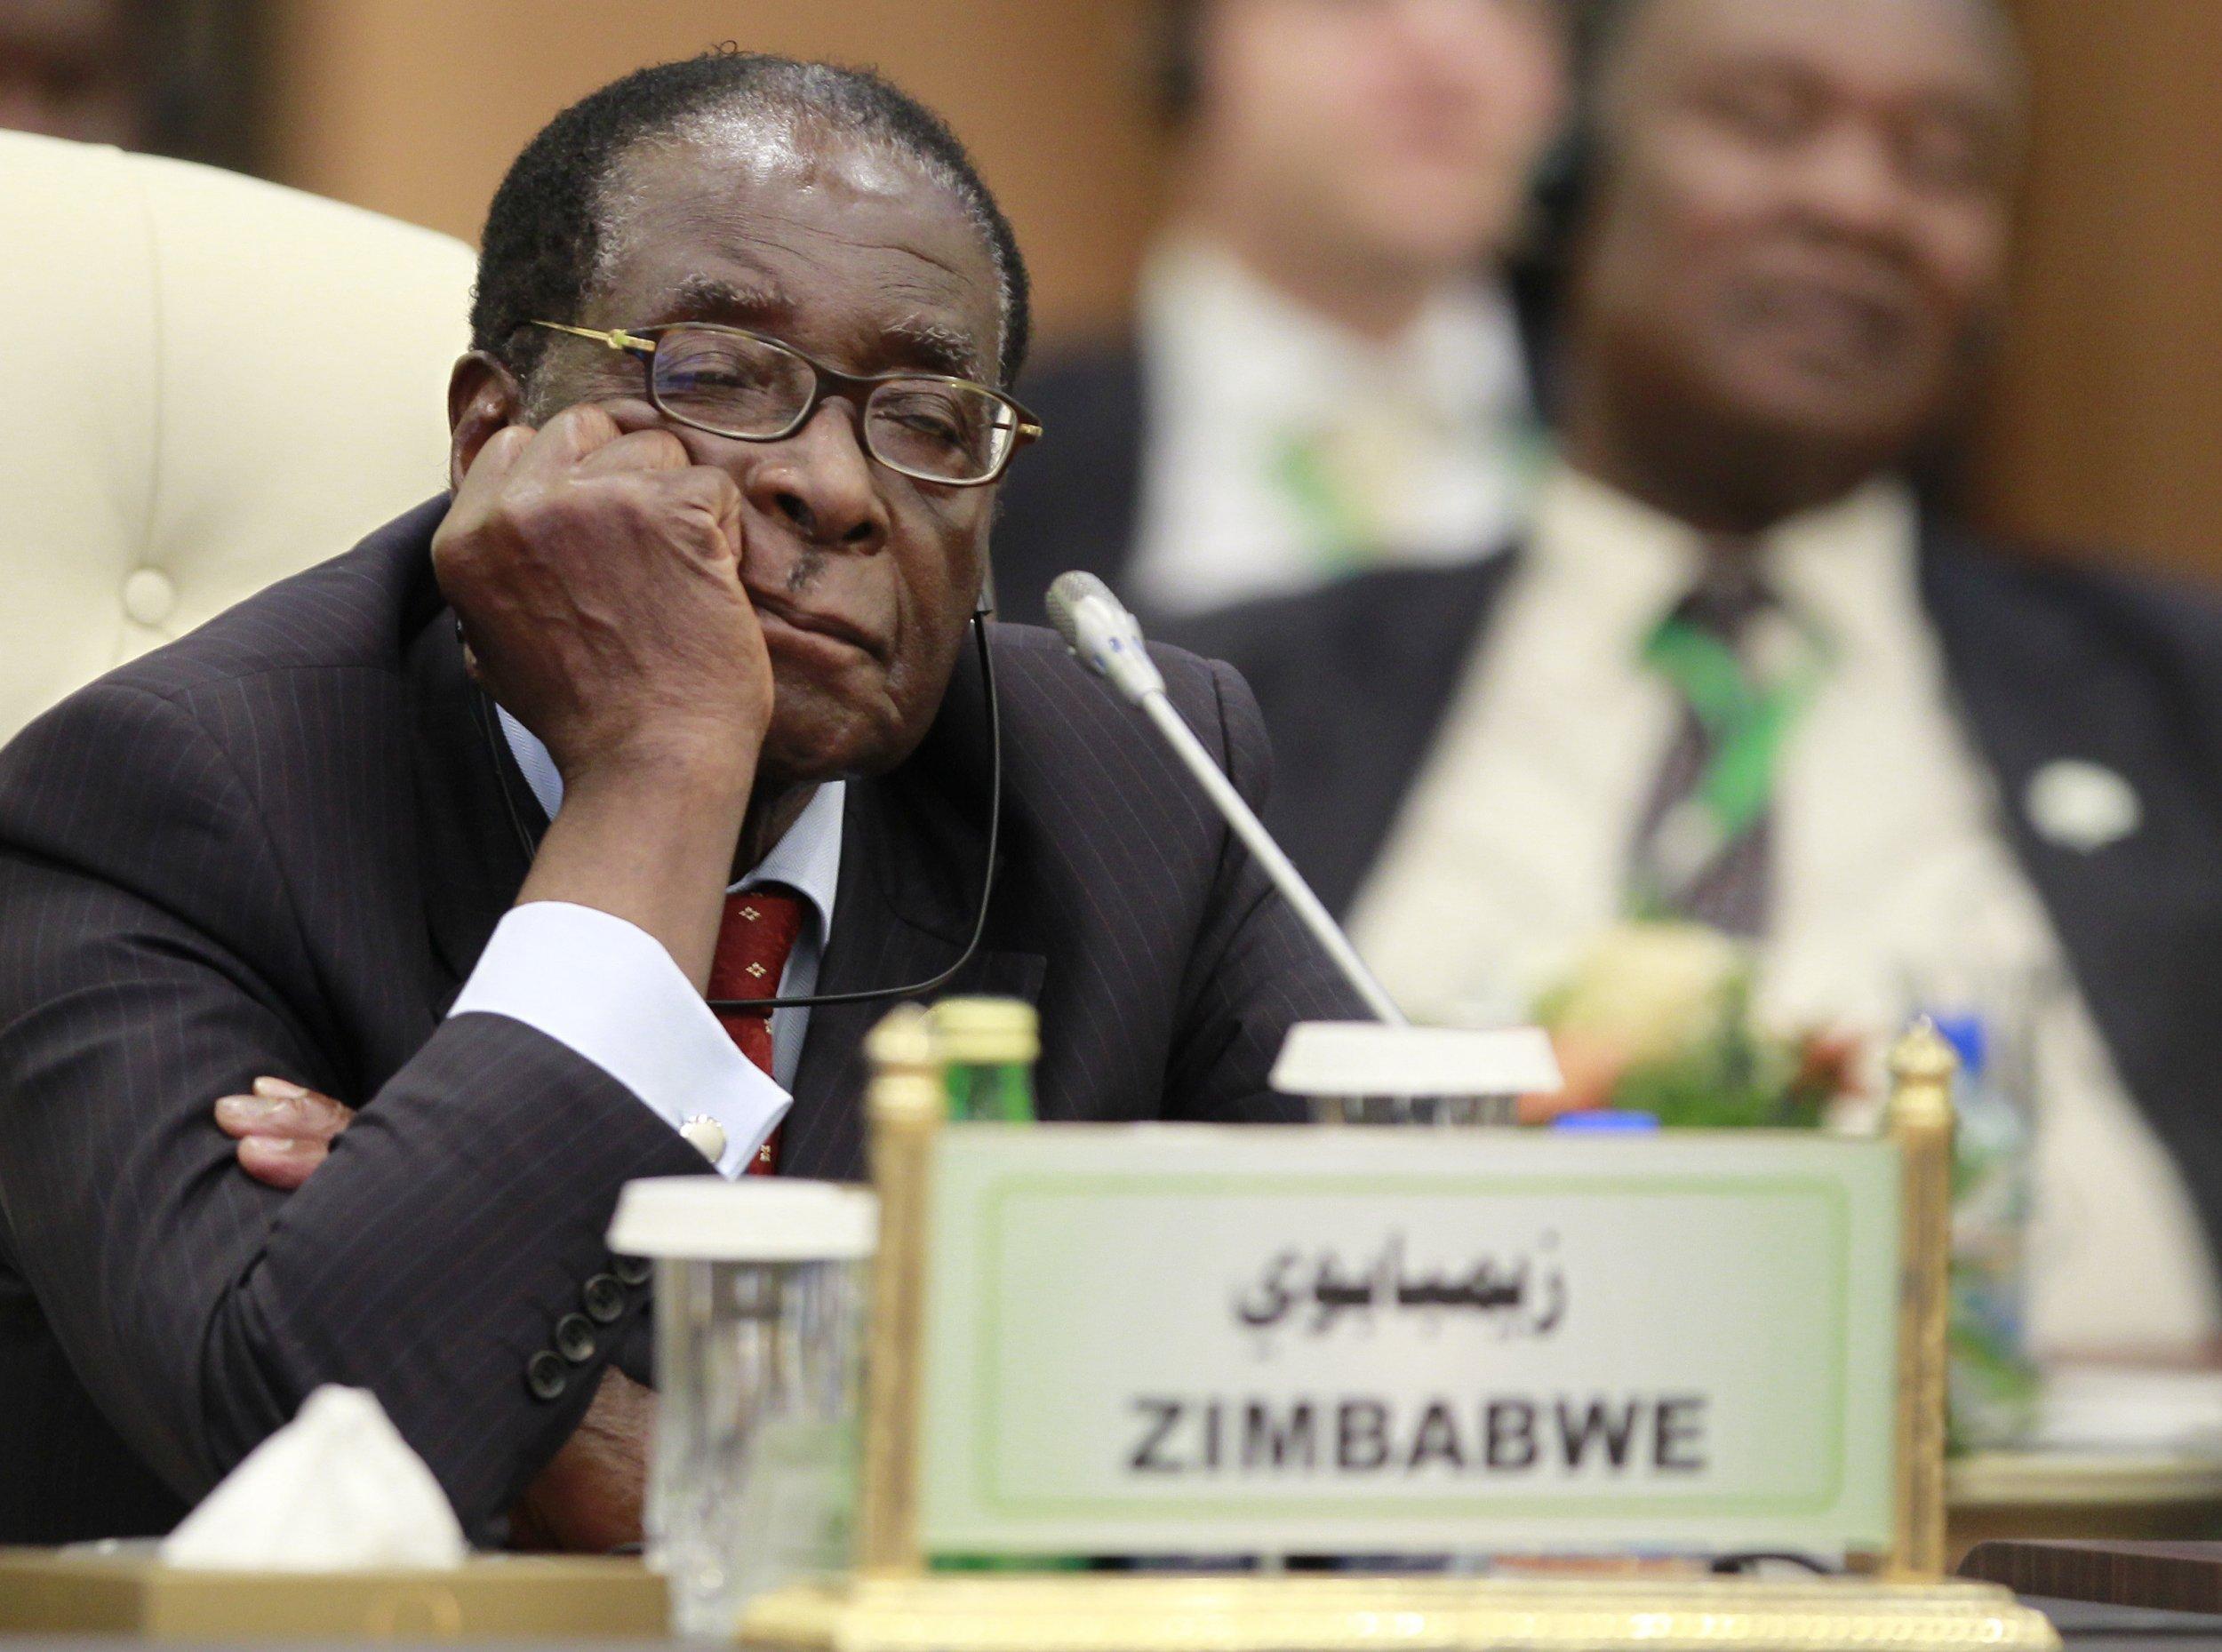 Mugabe sleeping